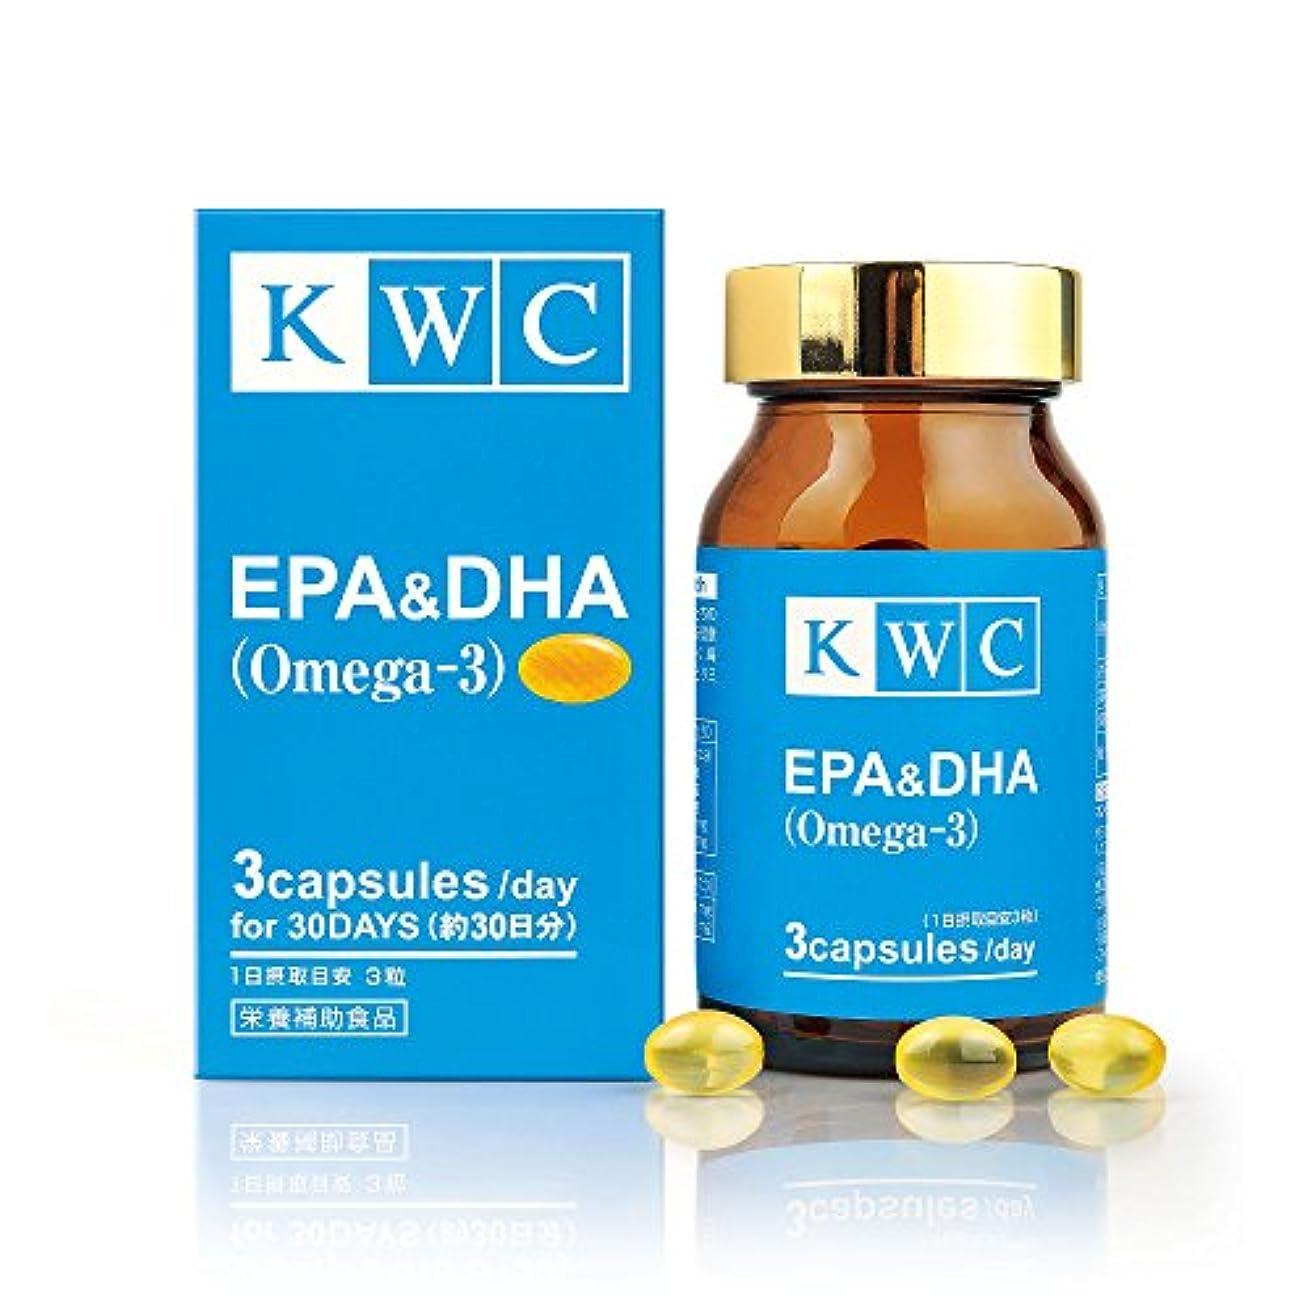 バラ色ガラス港KWC EPA&DHA サプリメント 約30日分 90粒